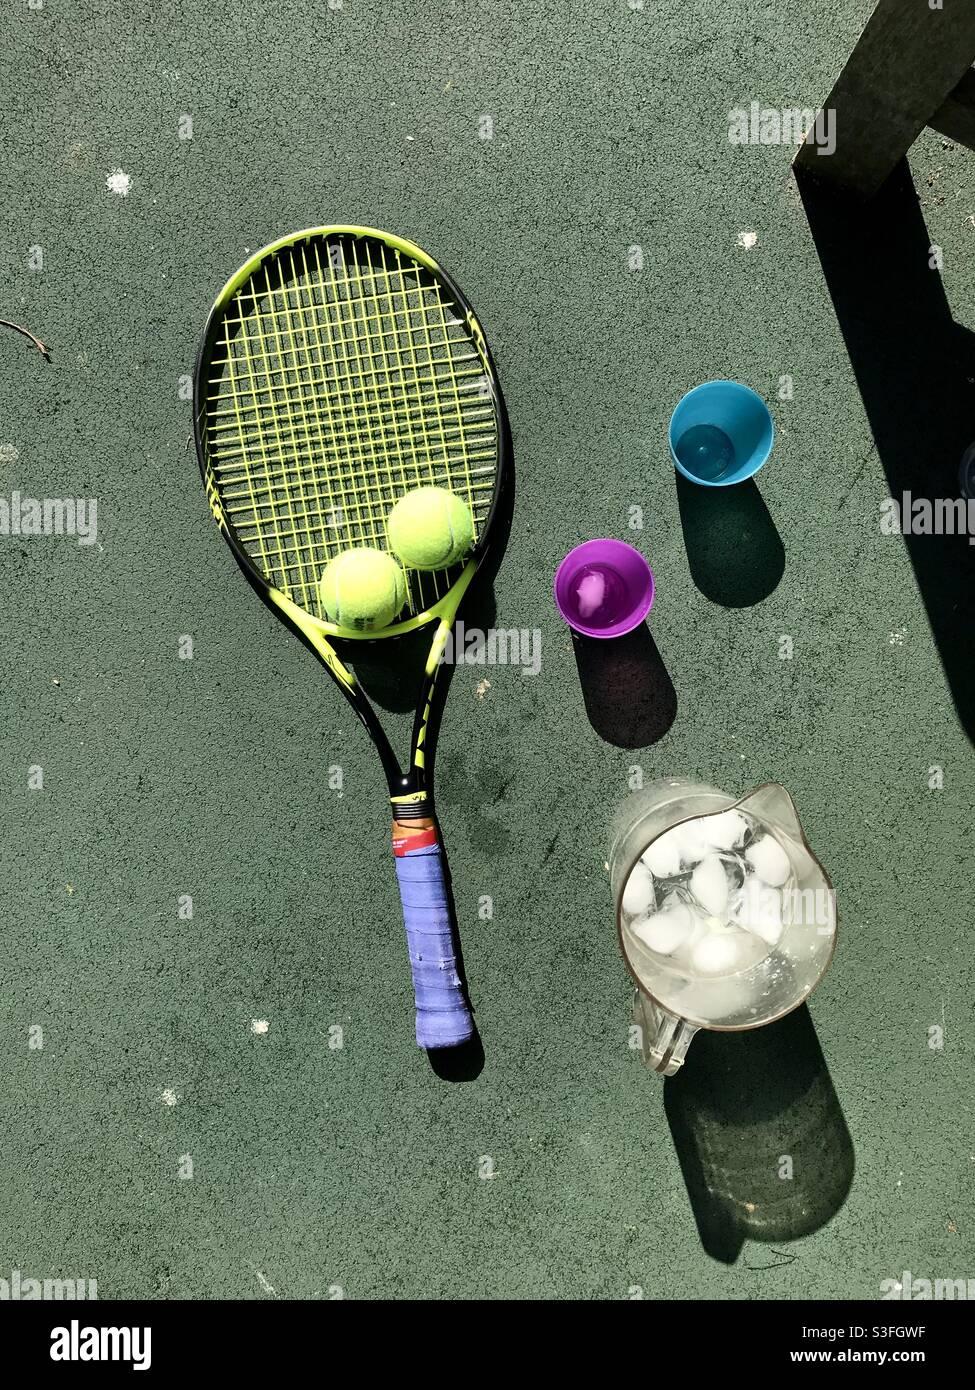 Tennisschläger aus der Vogelperspektive auf einem Tennisplatz Mit Tennisbällen an der Seite ein Krug eiskalt Wasser und ein paar Tassen auf einem heißen sonnigen Tag Stockfoto